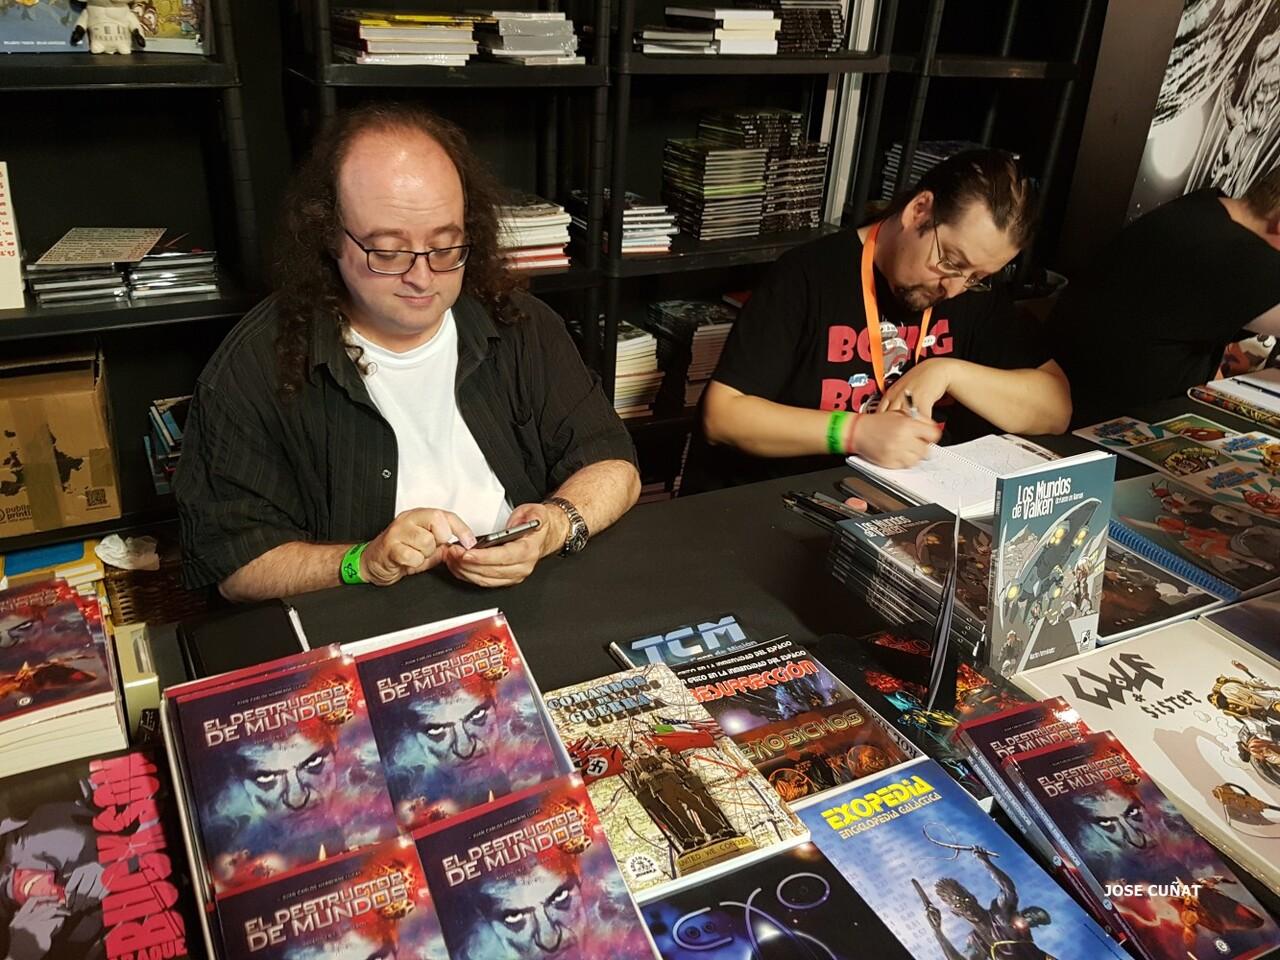 cificom-valencia-2016-star-wars-juan-carlos-herreros-escritor-cosplayers-juegos-de-mesa-y-videojuegos-8